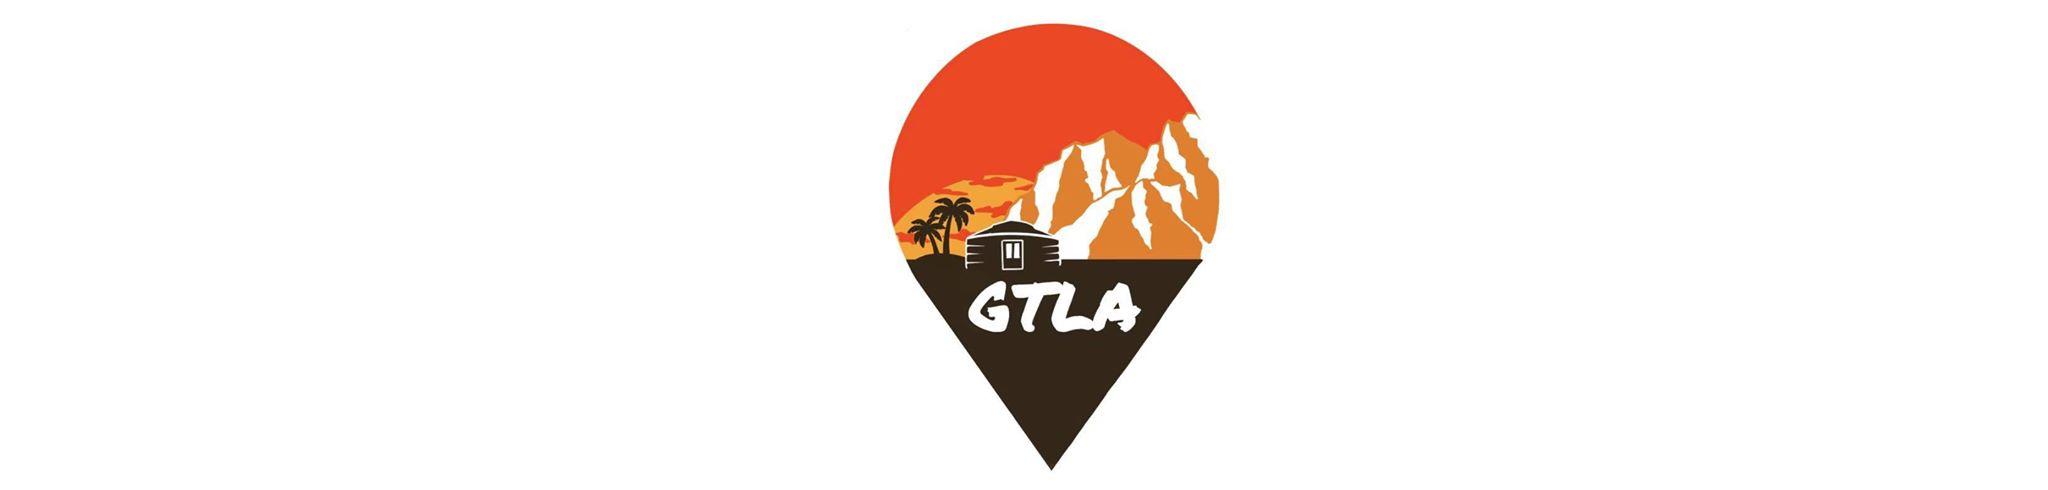 GTLA |